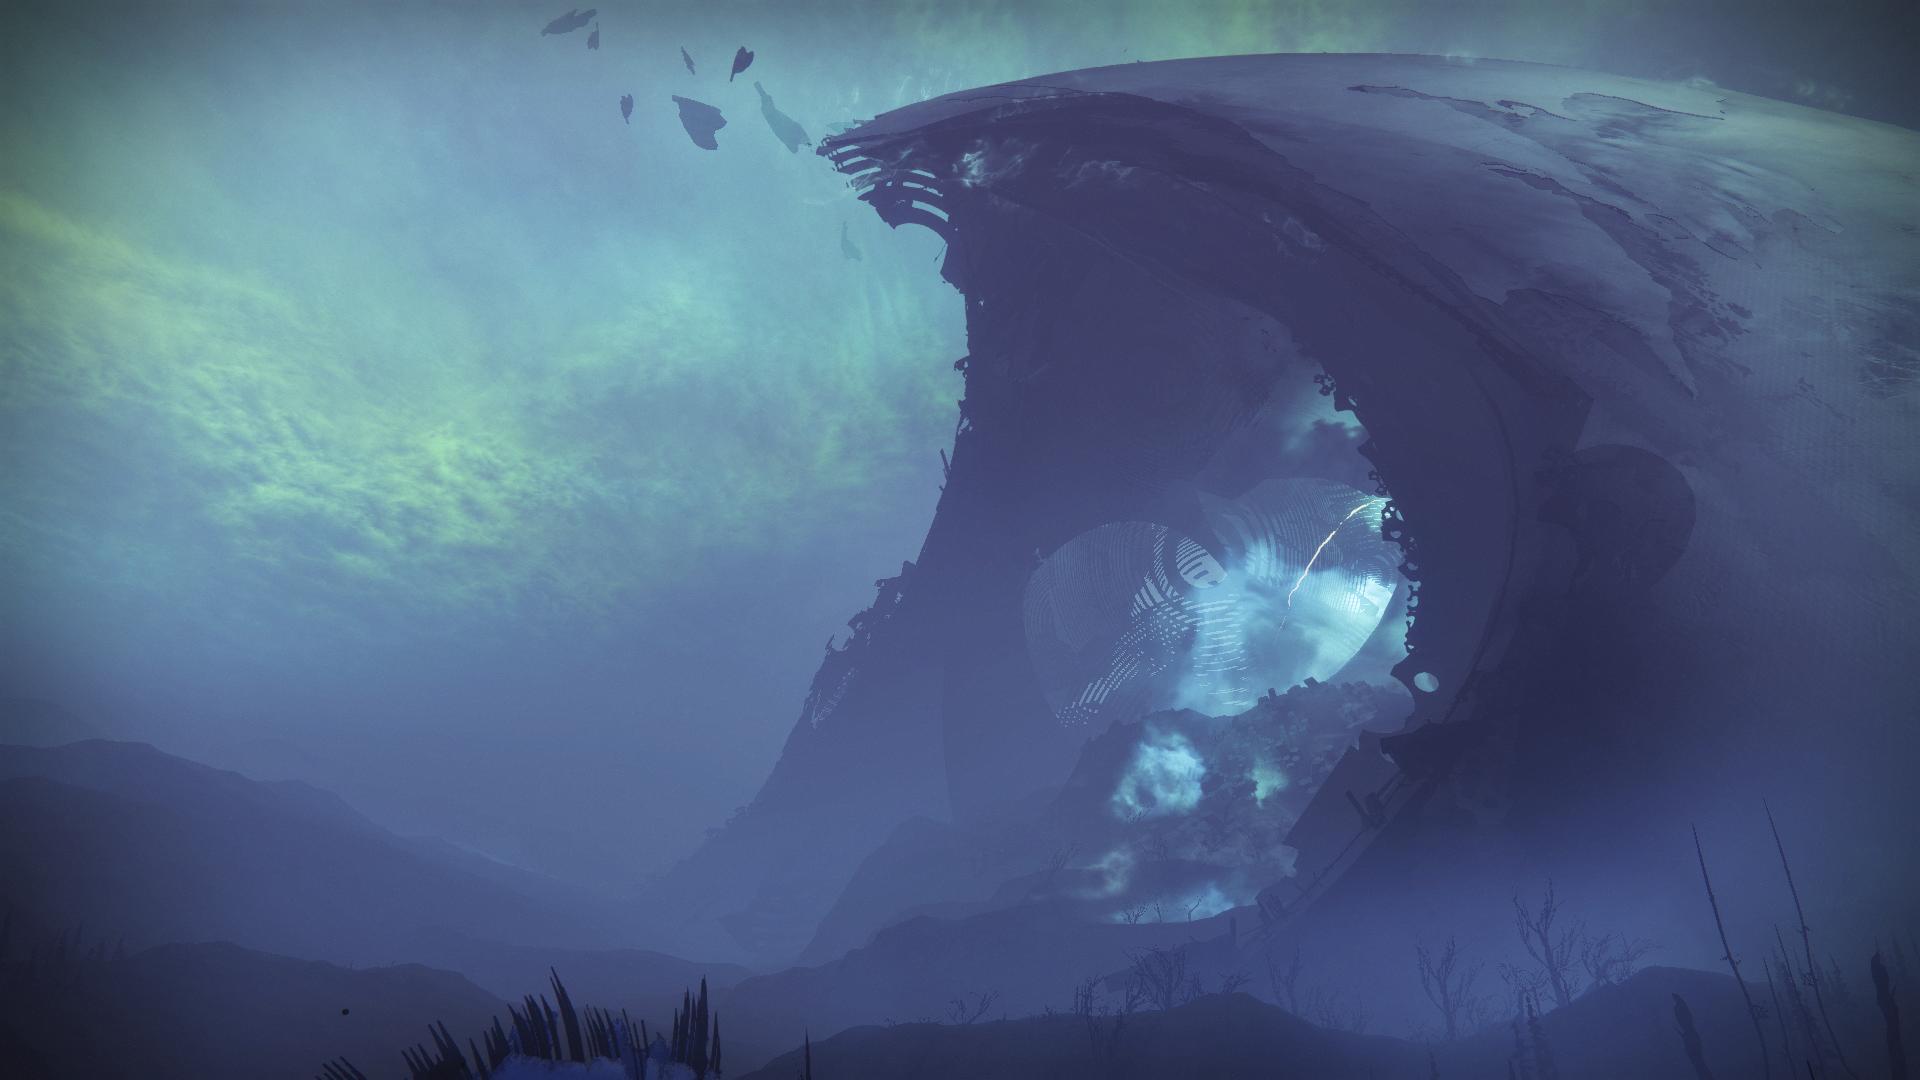 Destiny 2 Backgrounds